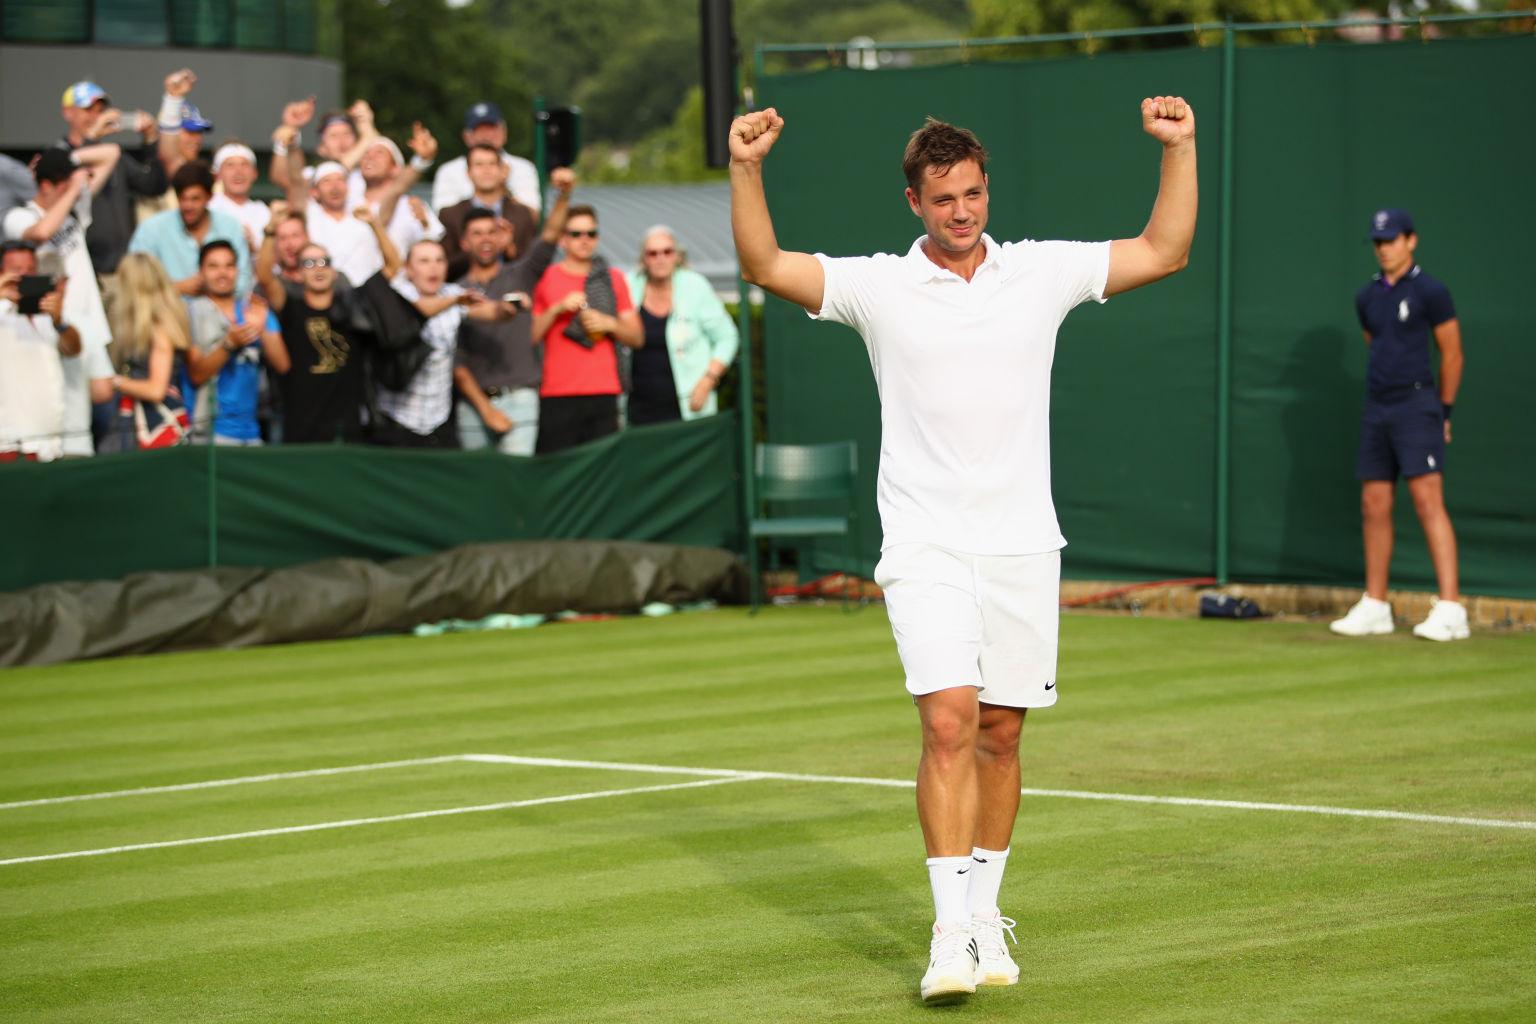 Marcus Willis ist die Sensation von Wimbledon 2016.